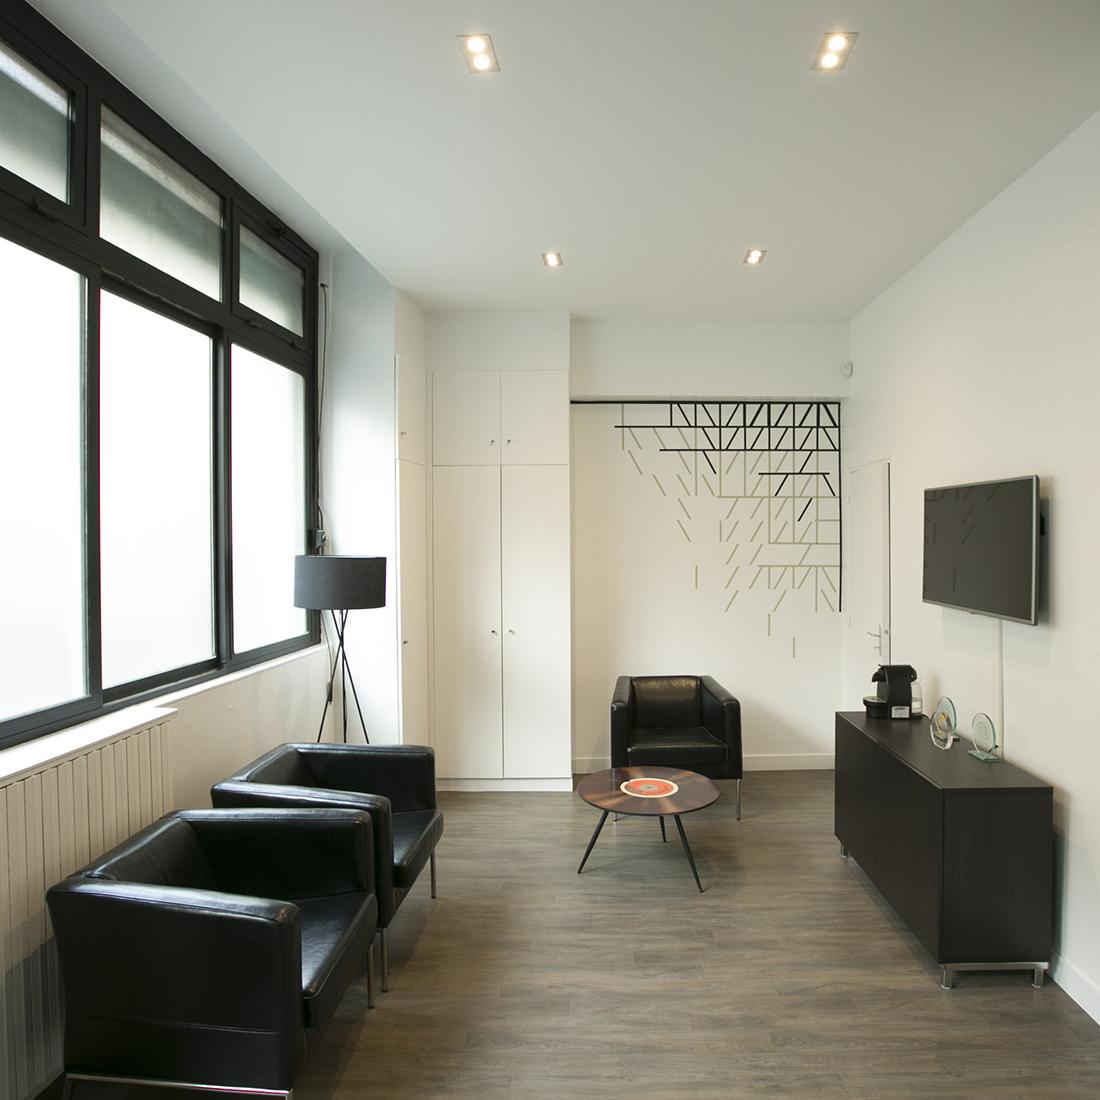 agence-disko-paris-bureaux-publicite-marketing-digital-ad-agency-offices-6